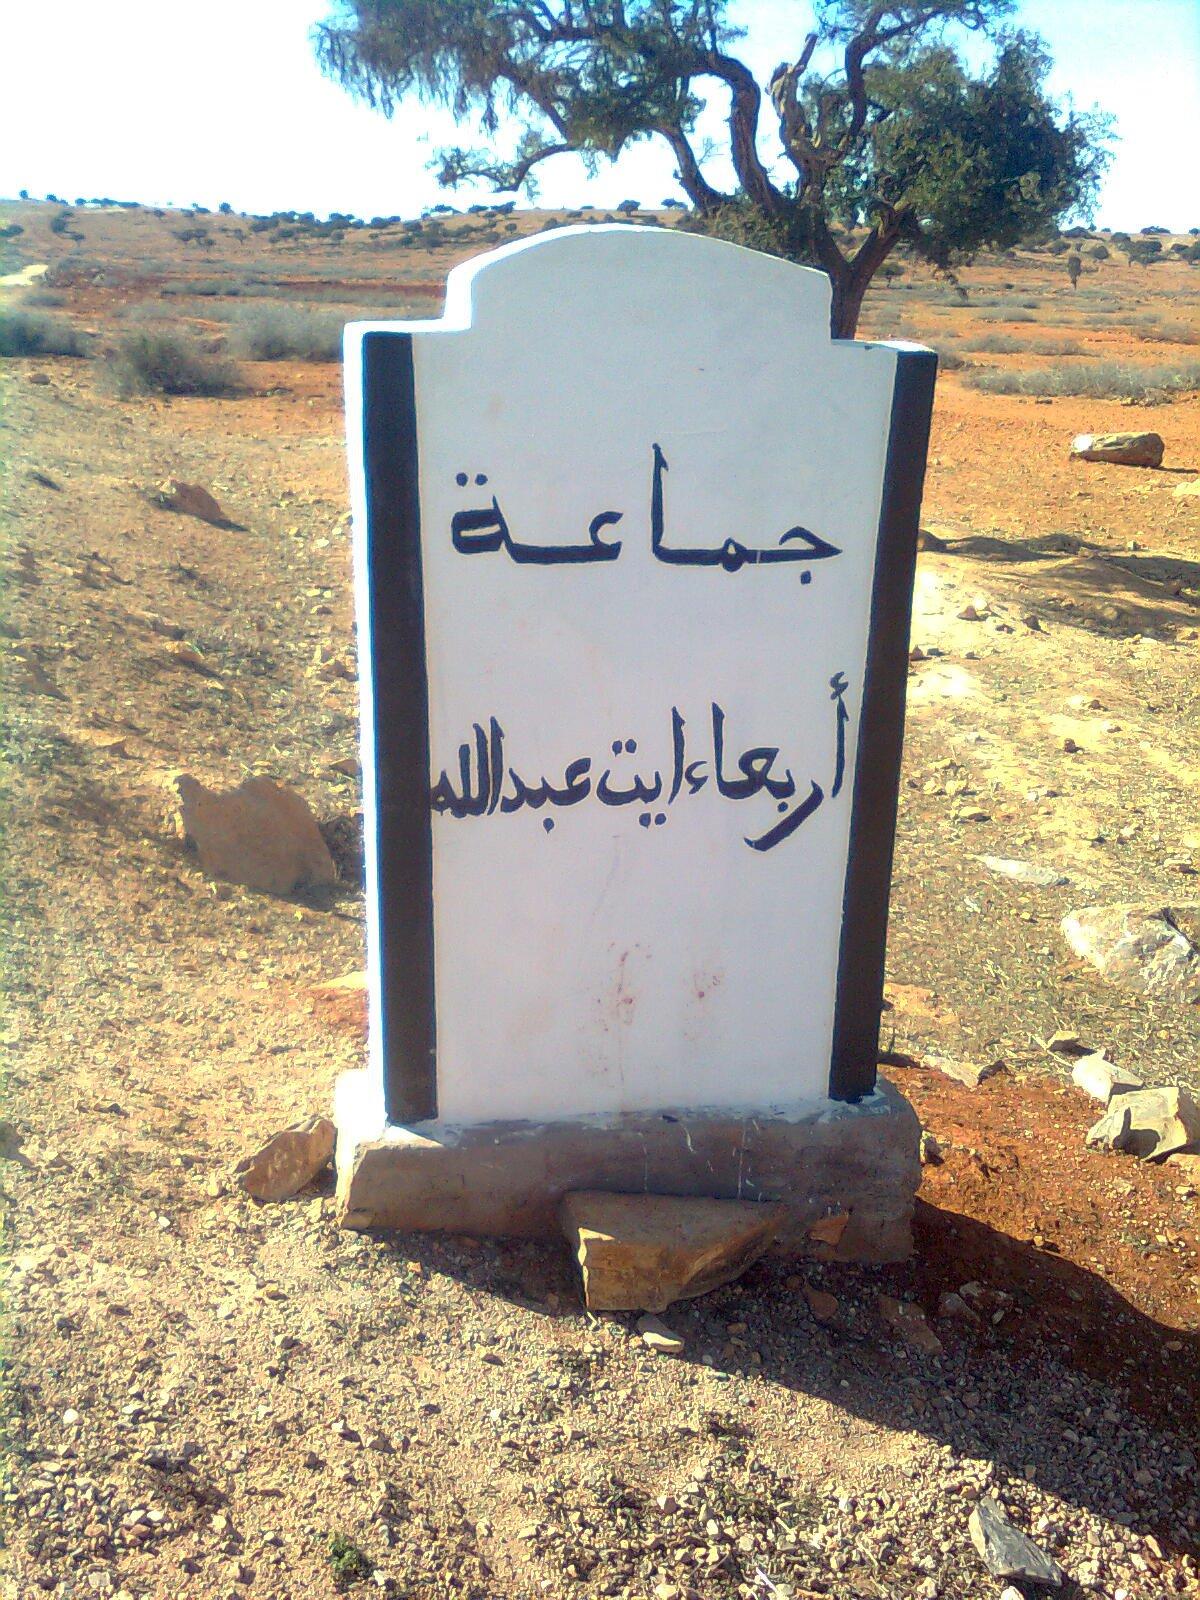 """شباب من ايت عبد الله يطلقون حملة في مواقع التواصل الاجتماعي تحت اسم """"اكال أمليل"""""""